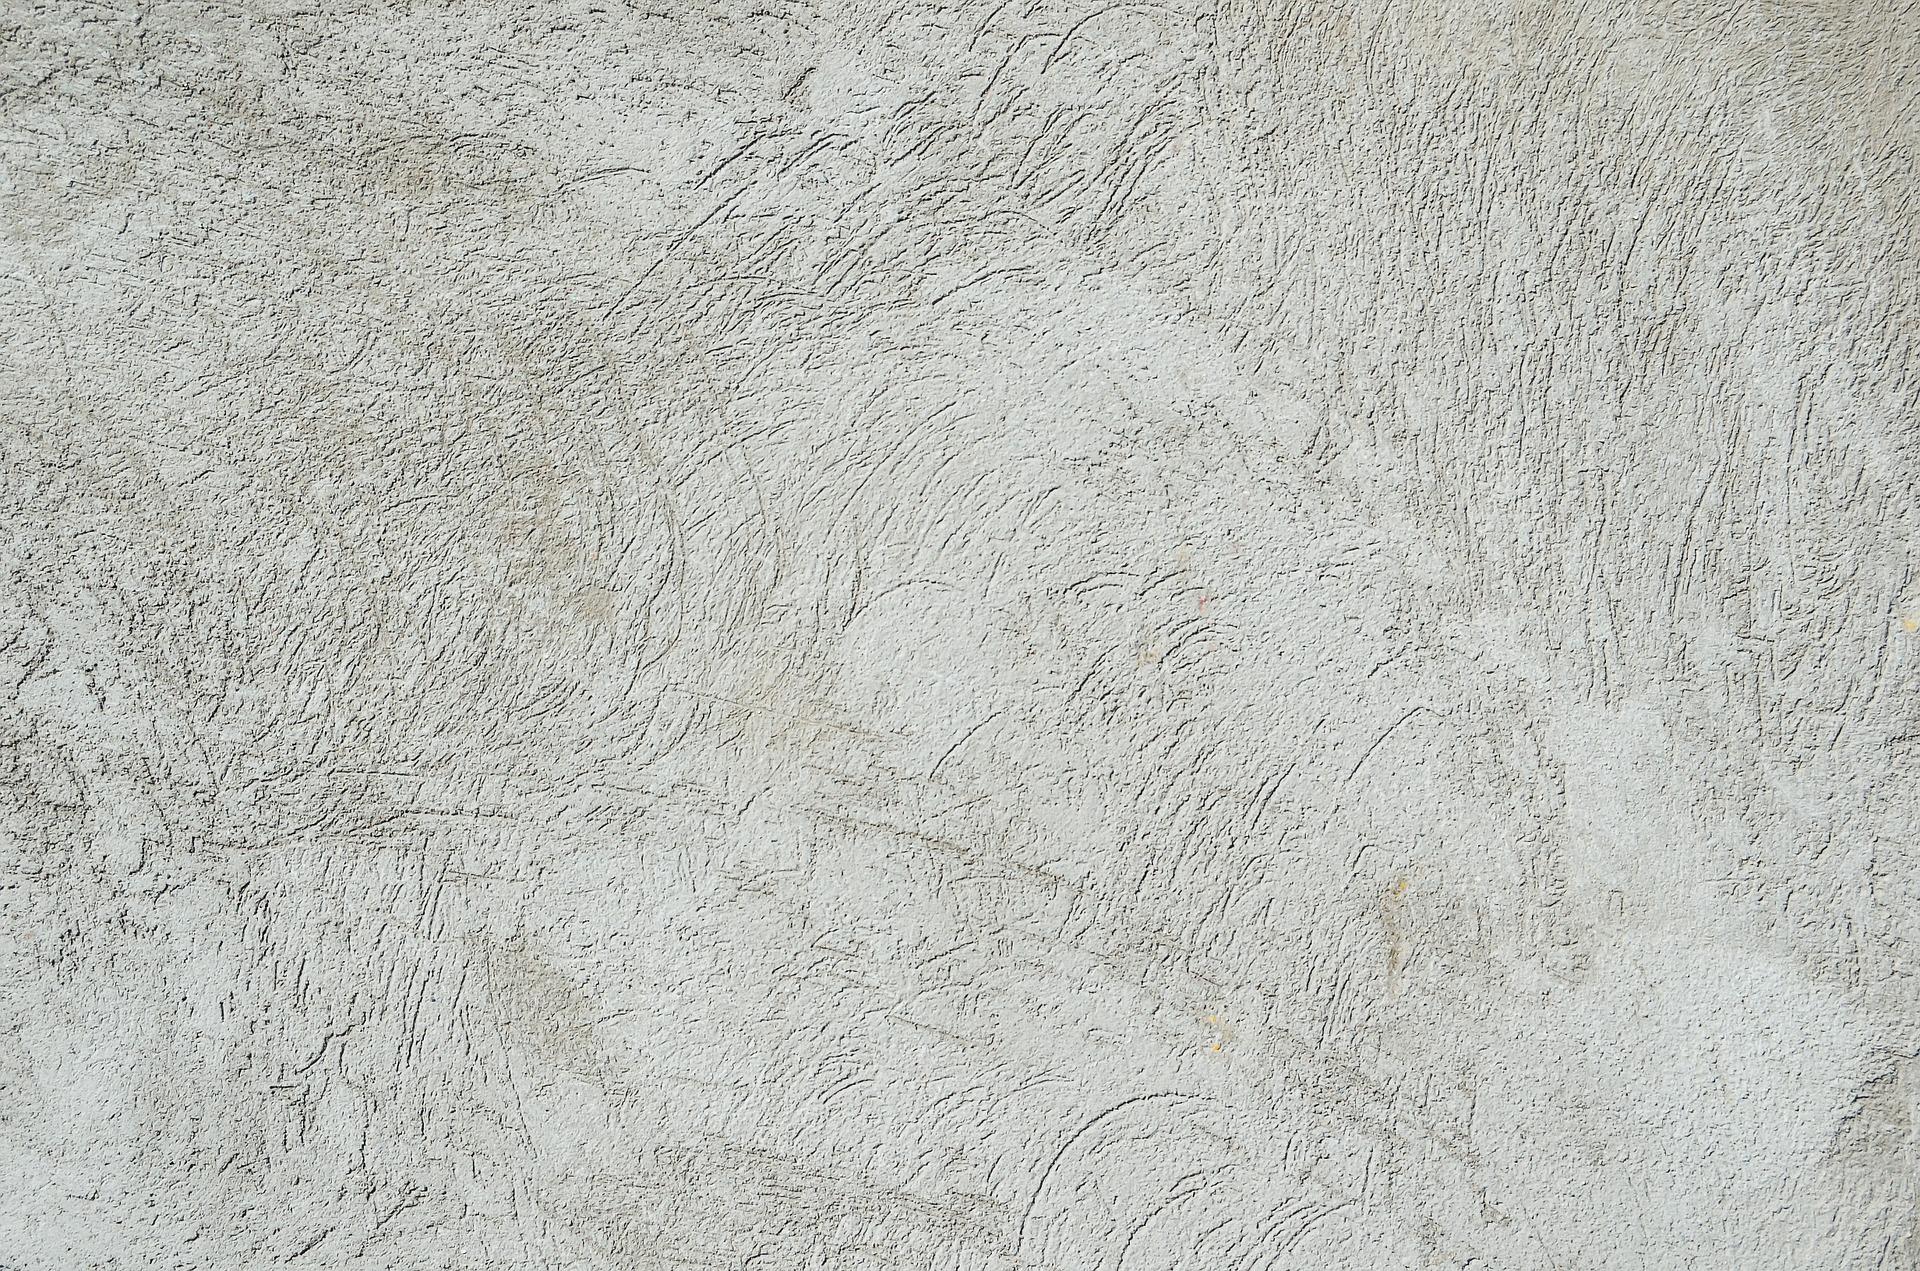 plaster-428552_1920